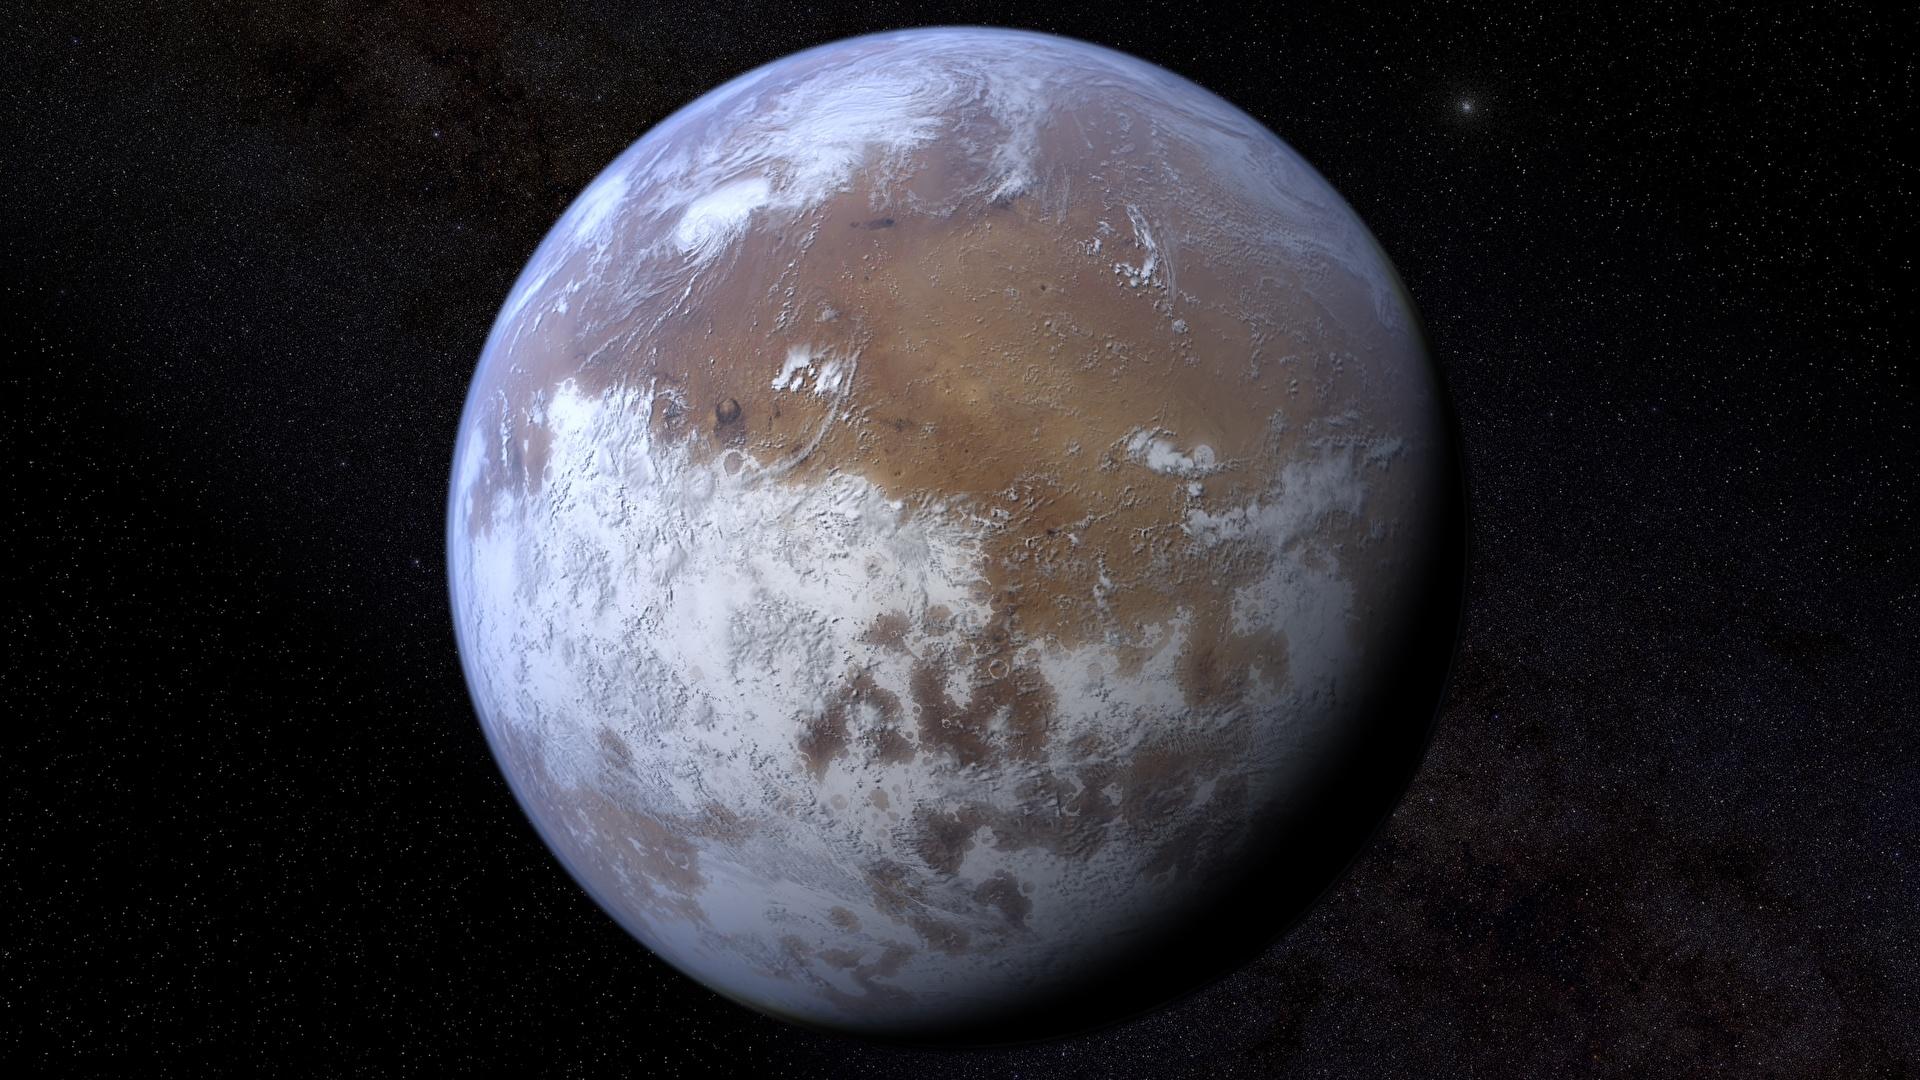 壁紙 1920x1080 特寫 行星 火星 外层空间 下载 照片